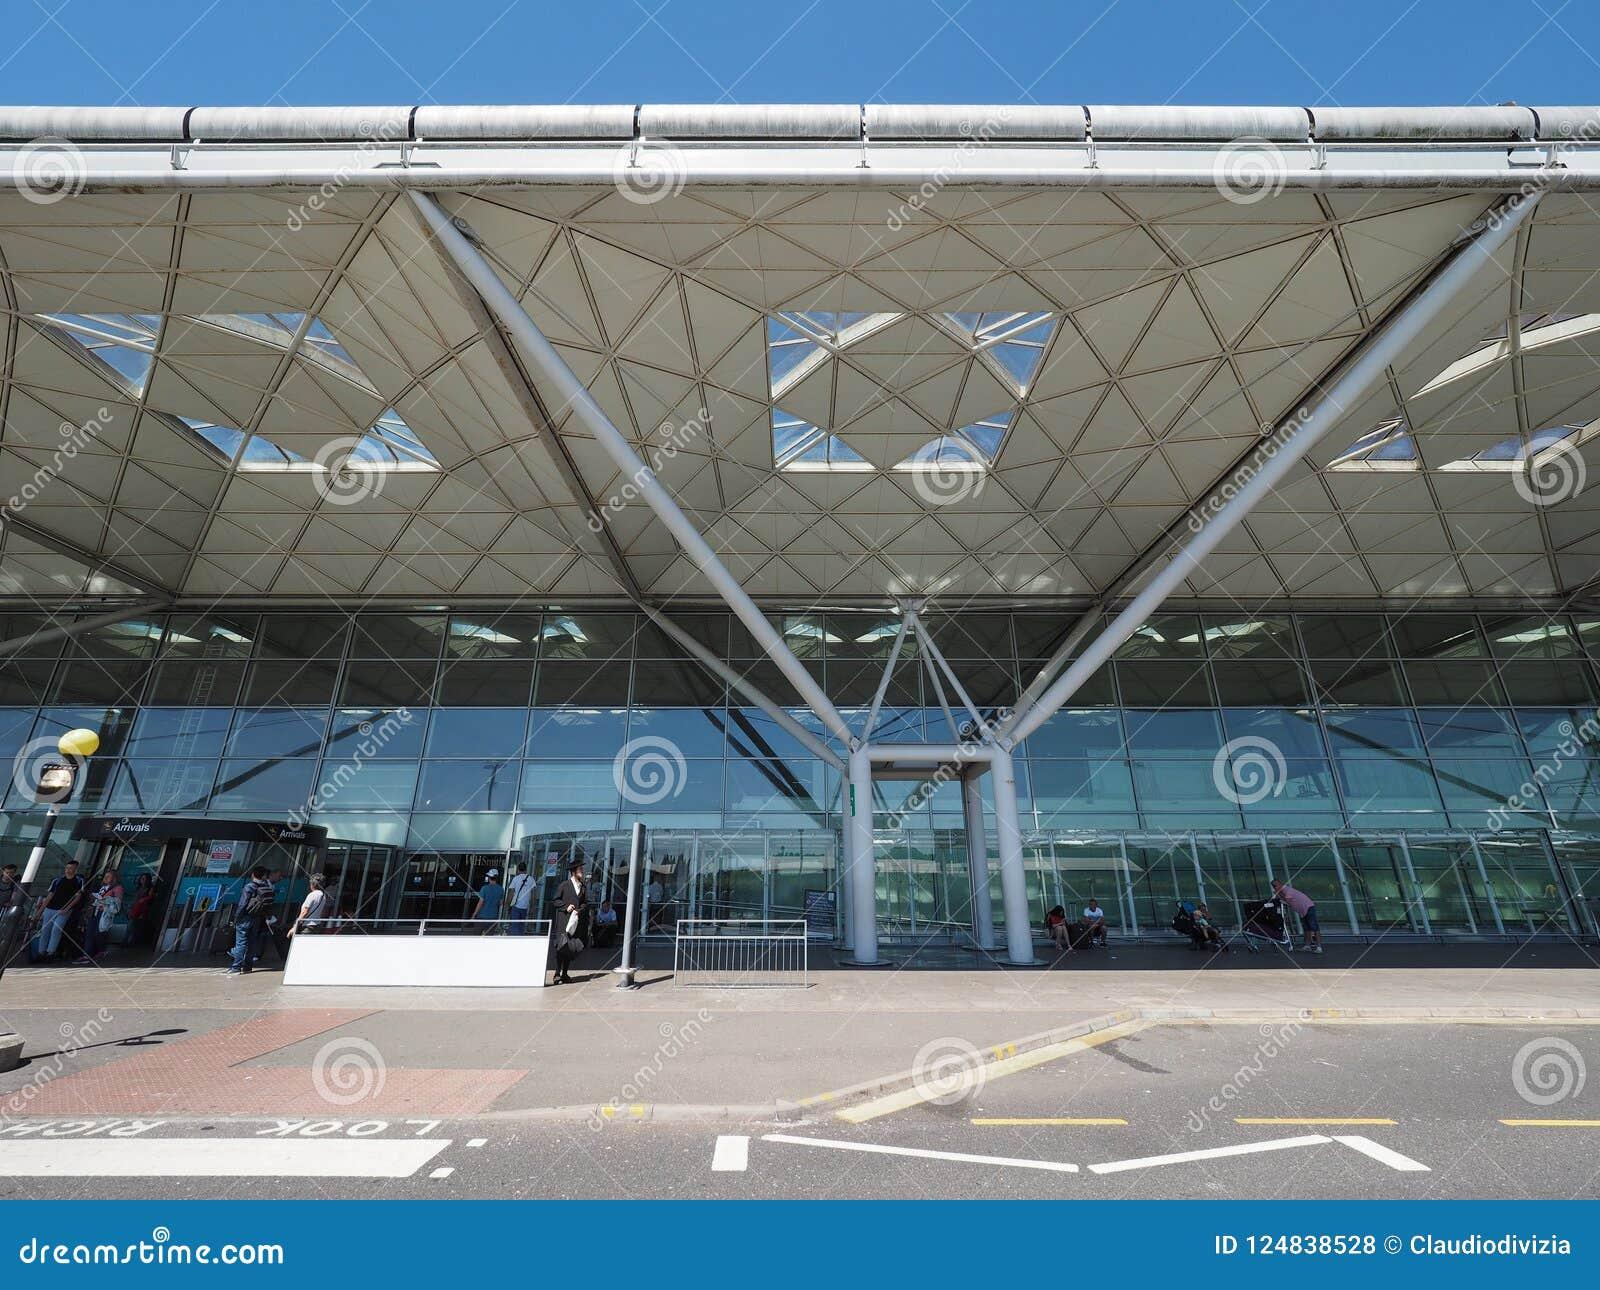 Aeropuerto de Standsted en Londres, Reino Unido